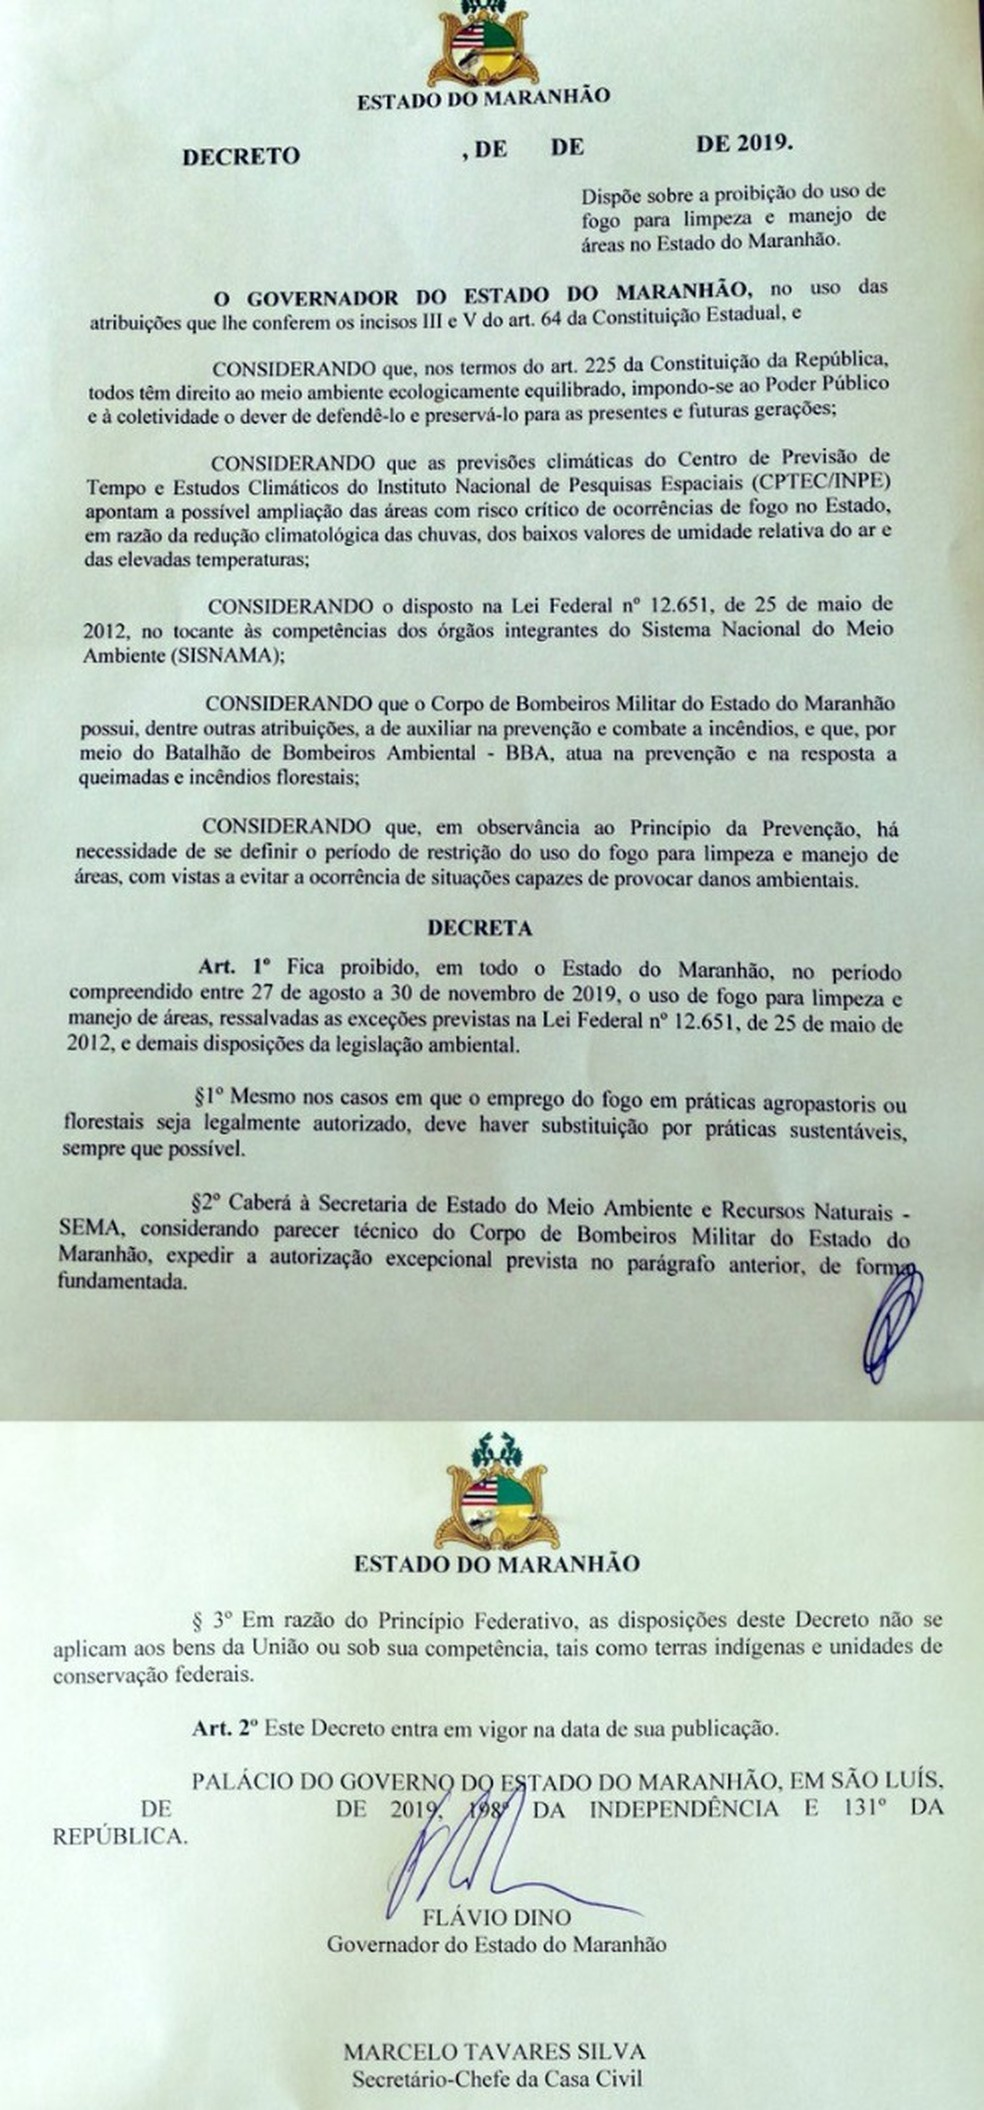 Decreto do governo do Maranhão proíbe o uso de fogo para a limpeza e manejo de áreas em todo o estado. — Foto: Reprodução/Redes Sociais